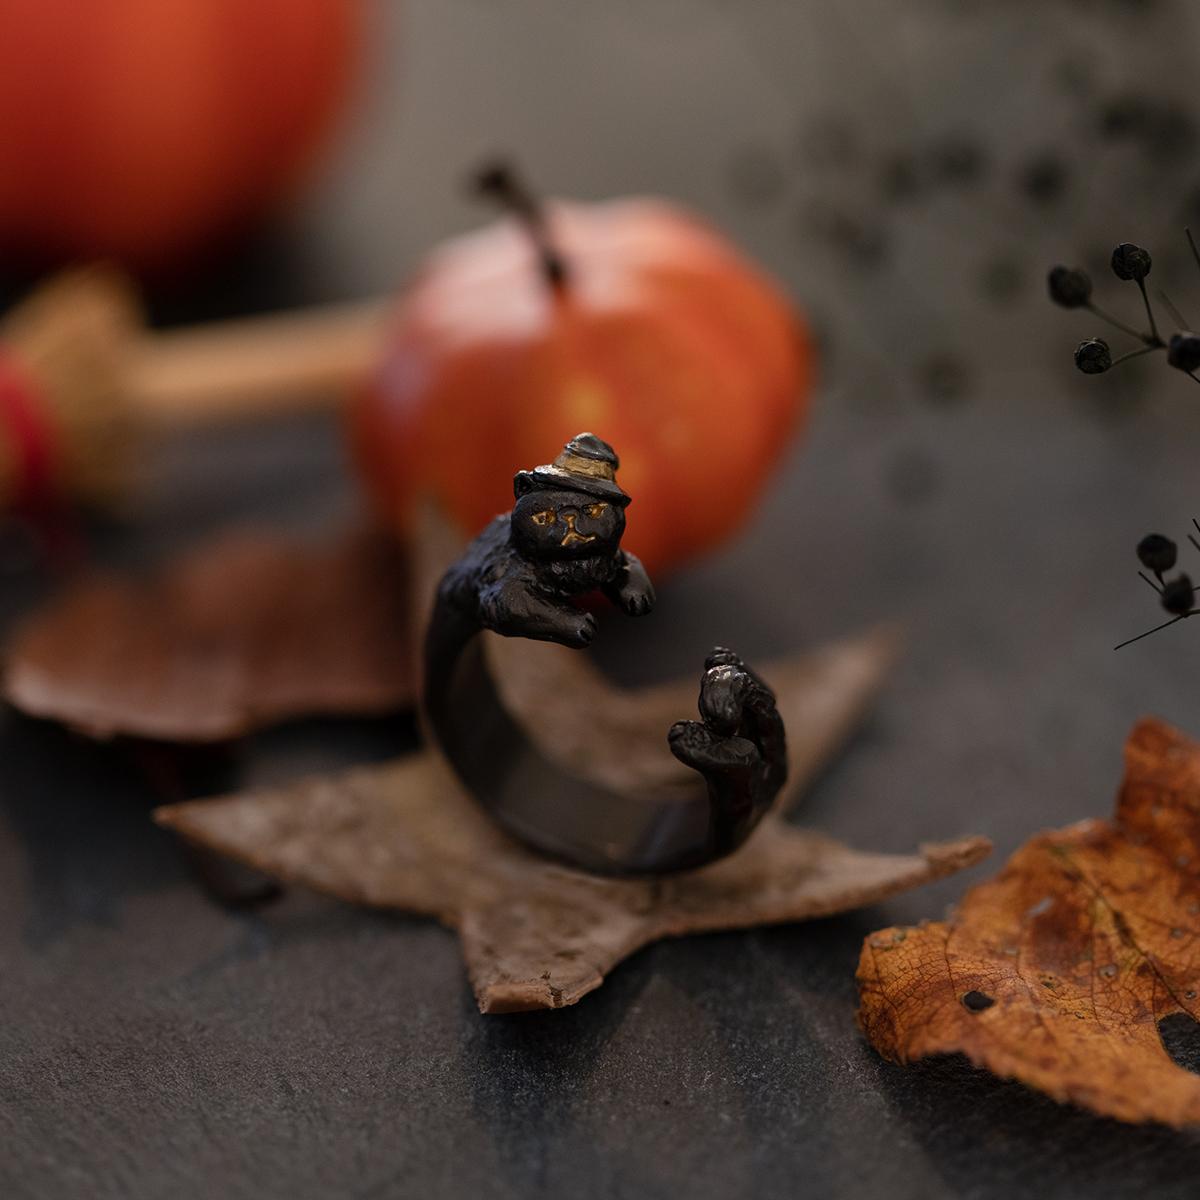 <限定>黒猫のエナンリング / リング(フリーサイズ)【ハロウィン限定商品】